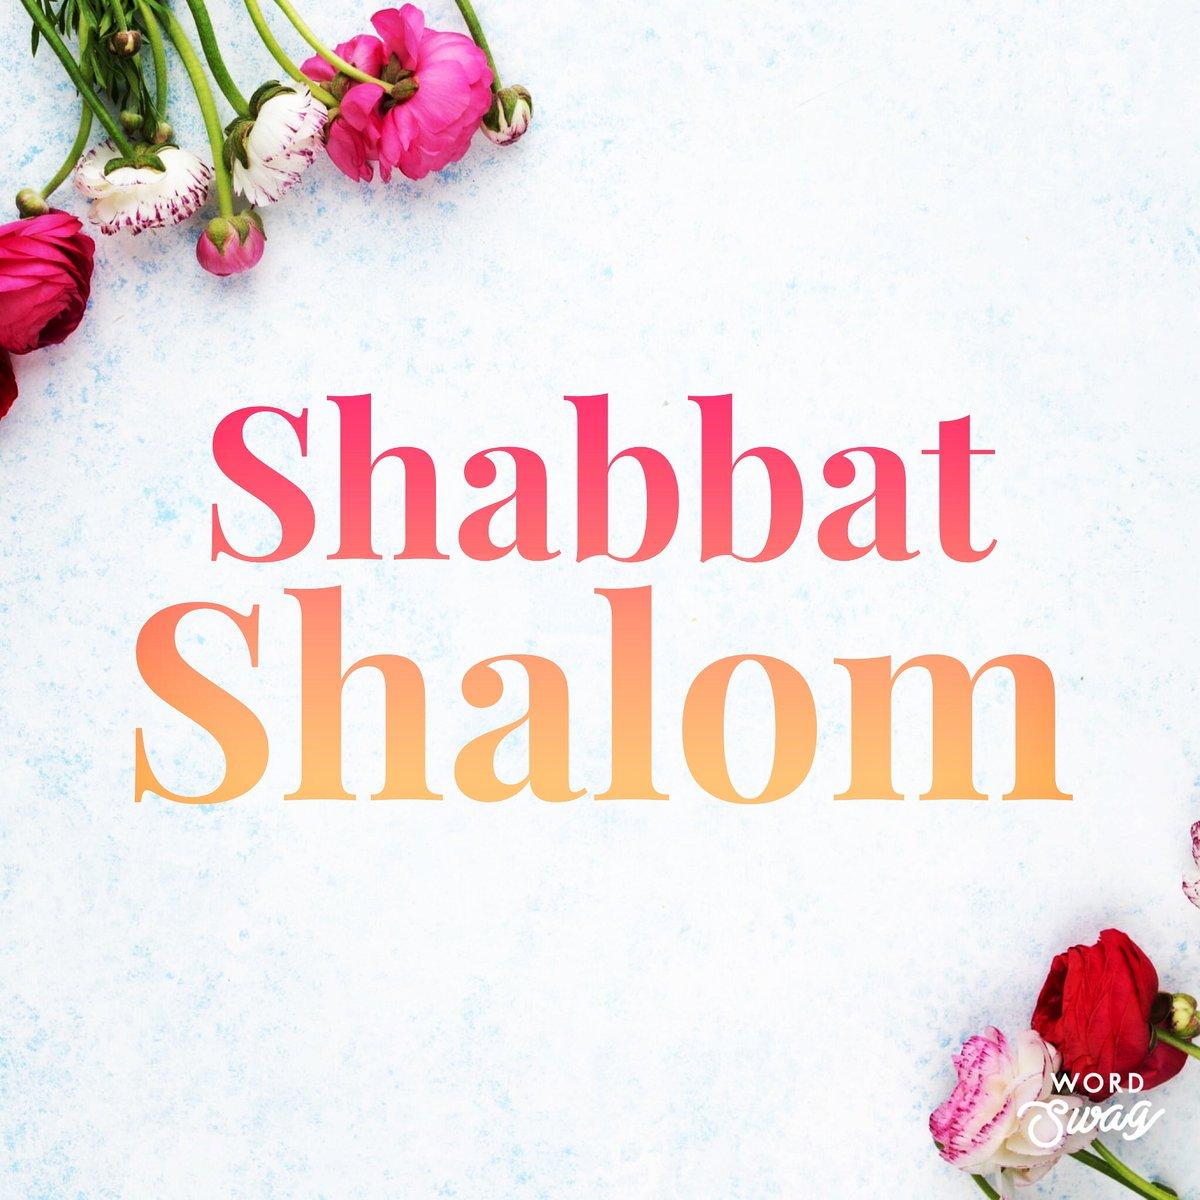 Shabbat shalom!. #beitpratzim #houseofbreakthroughs #Yeshua  #loveisrael   #blessisrael #messianic #messianicjew #hebrewroots #peopleofgod #yeshuahamashiach #Yahweh #jesuslovesyou #messianicjudaism #adonai #faith #godisreal #ישוע #iloveyou #ירושלי #shalom  #shabbatpic.twitter.com/LcXbe4SQ2O